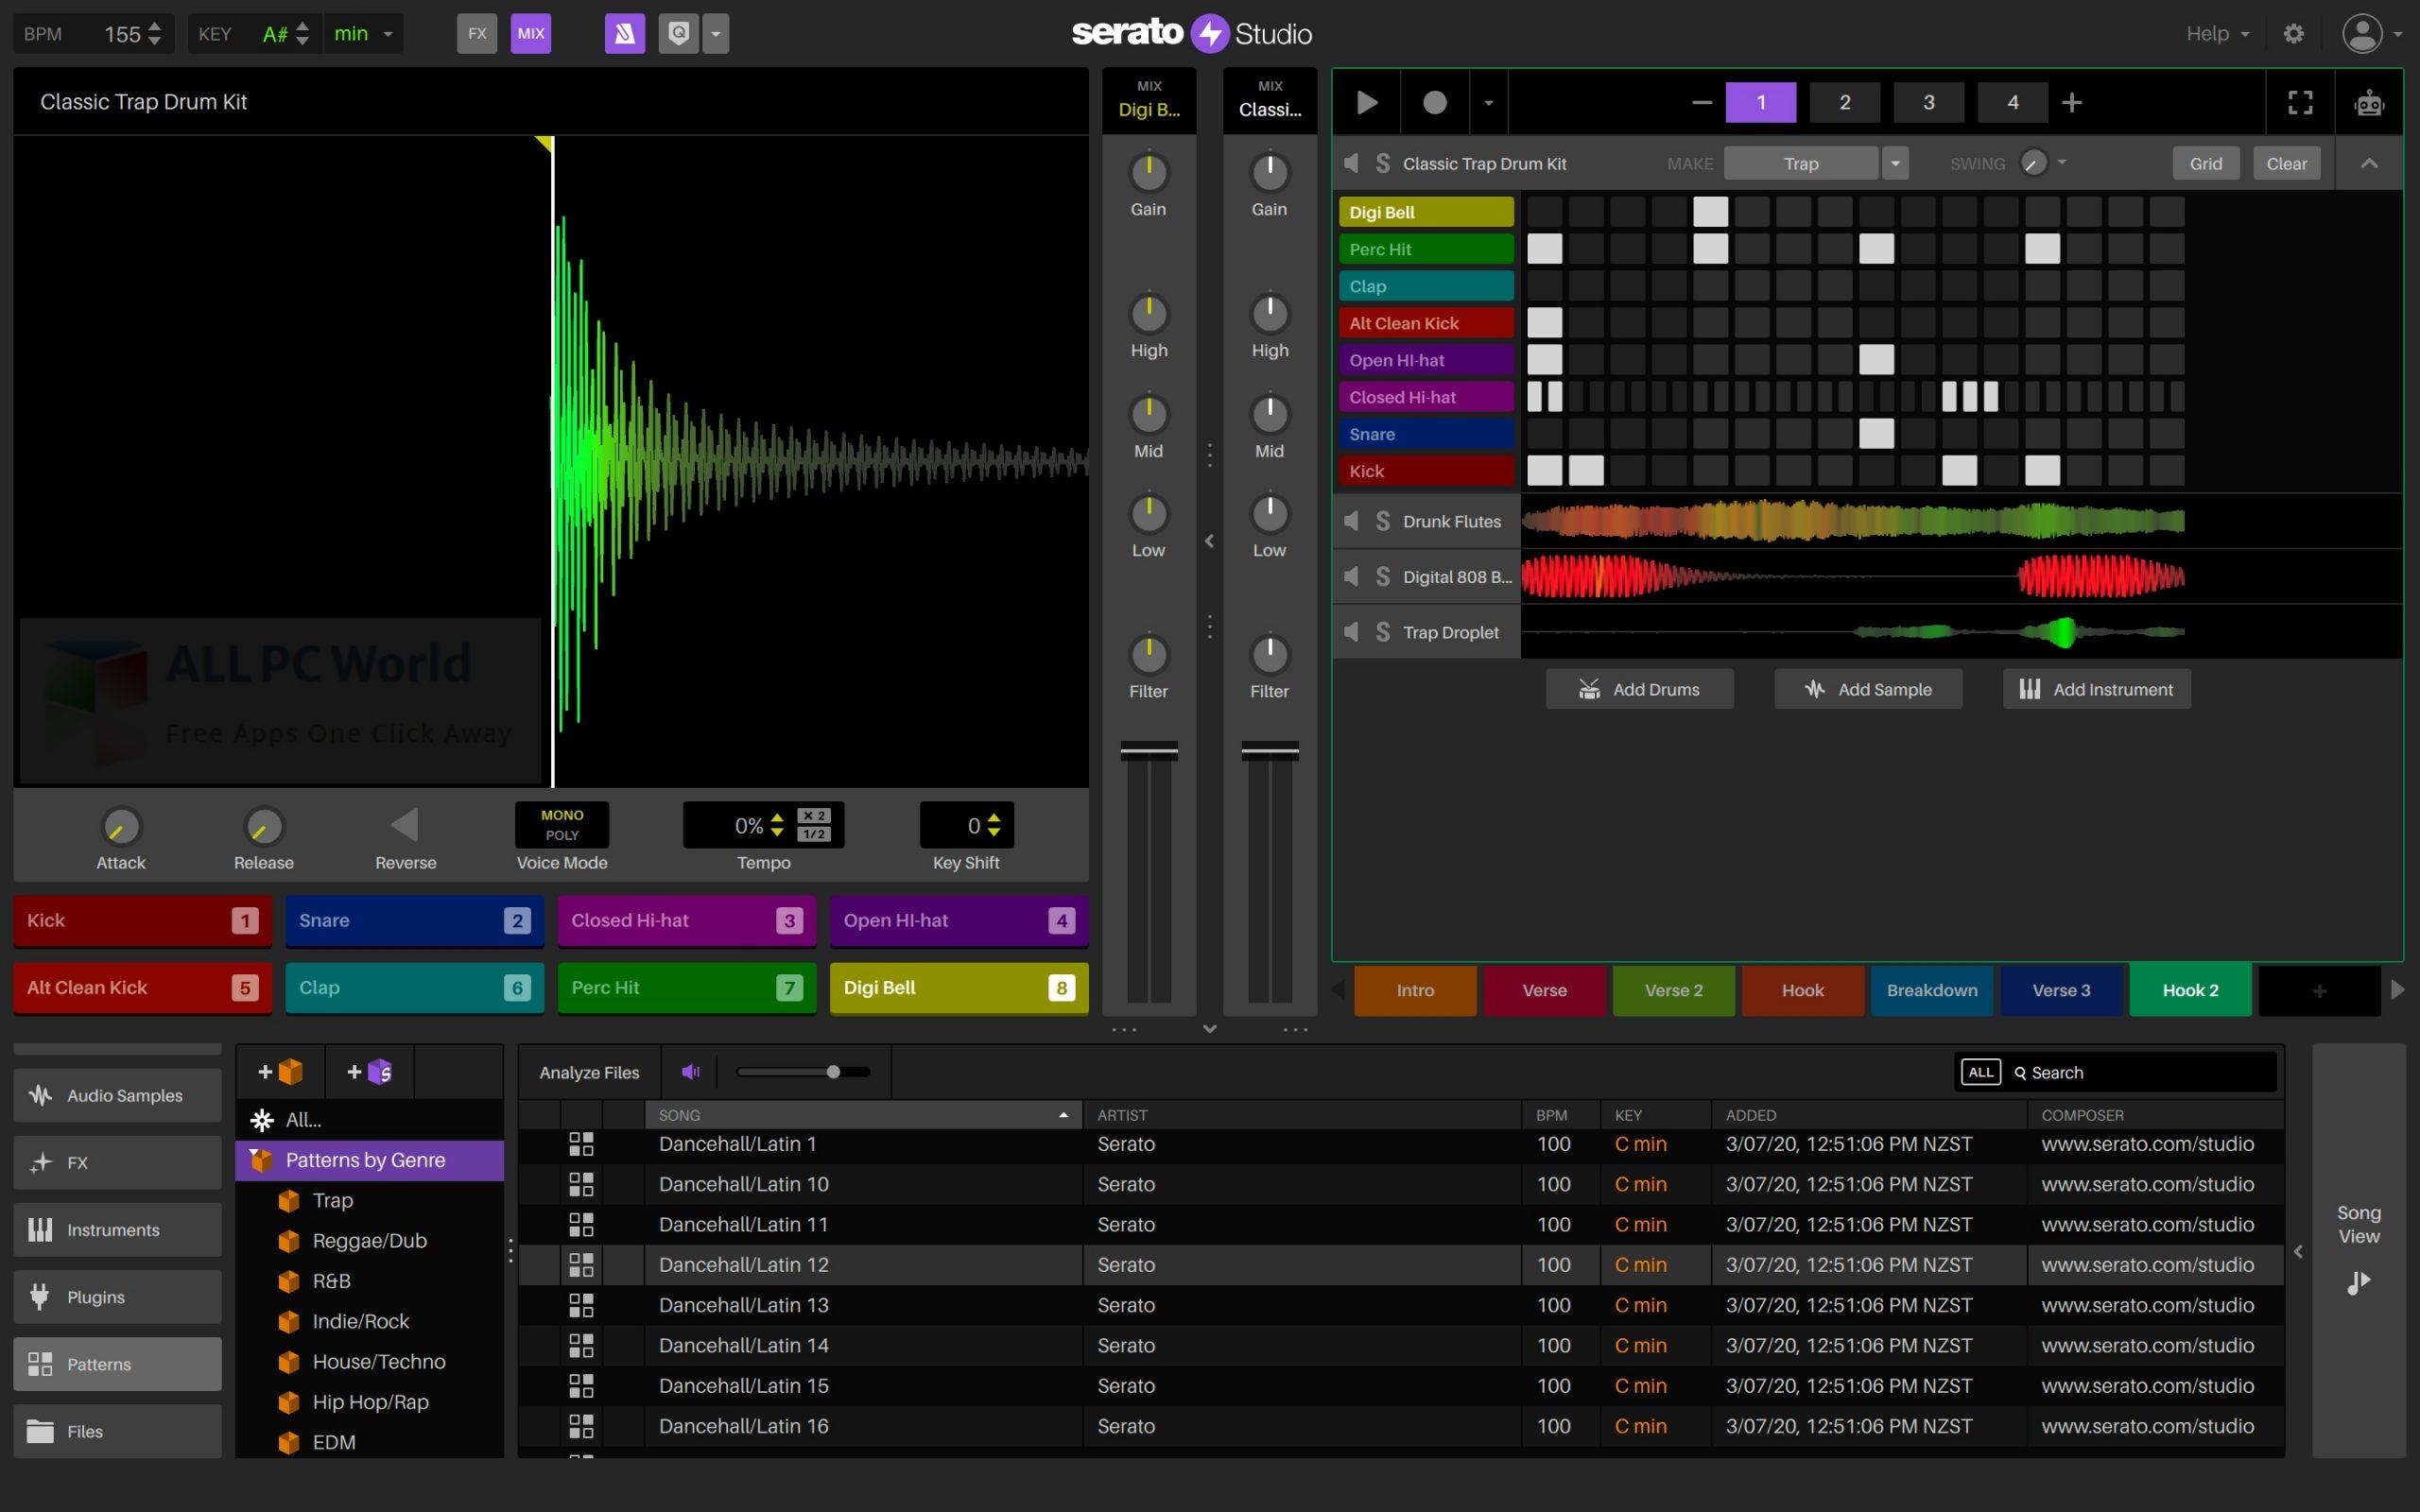 Serato Studio 1.5.6 Free Download